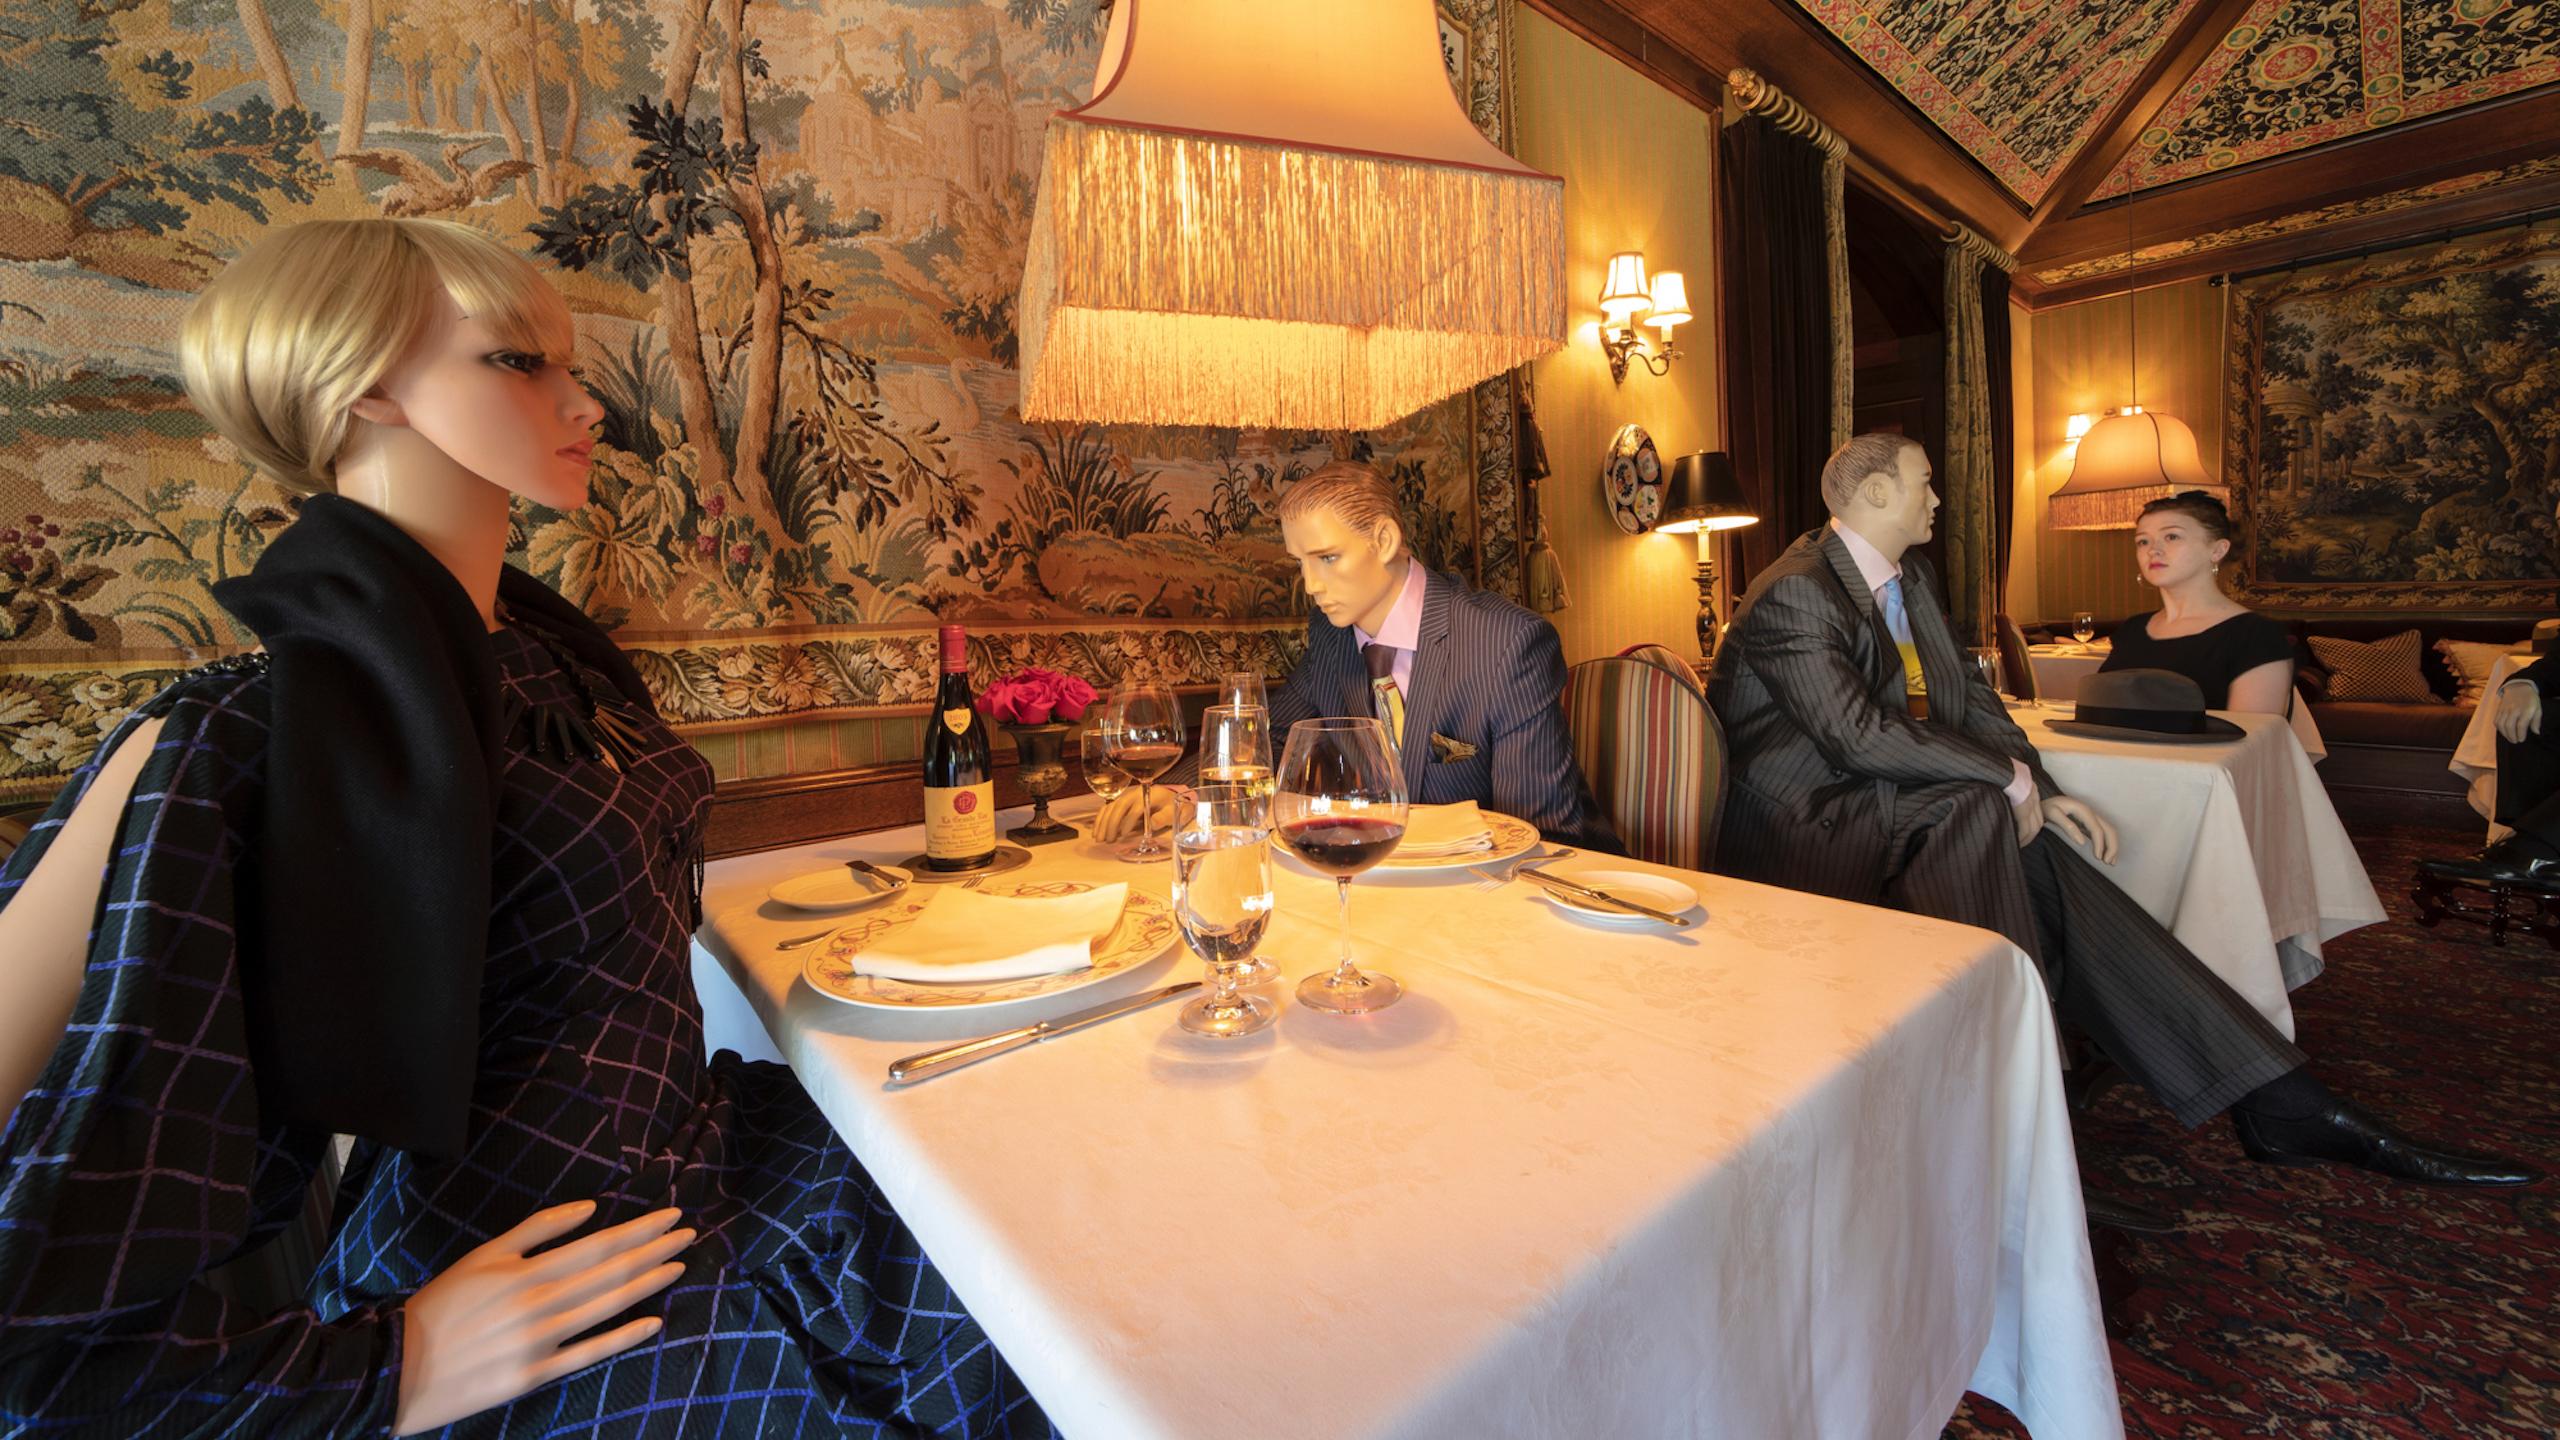 maniquíes llenan mesas vacías de restaurante